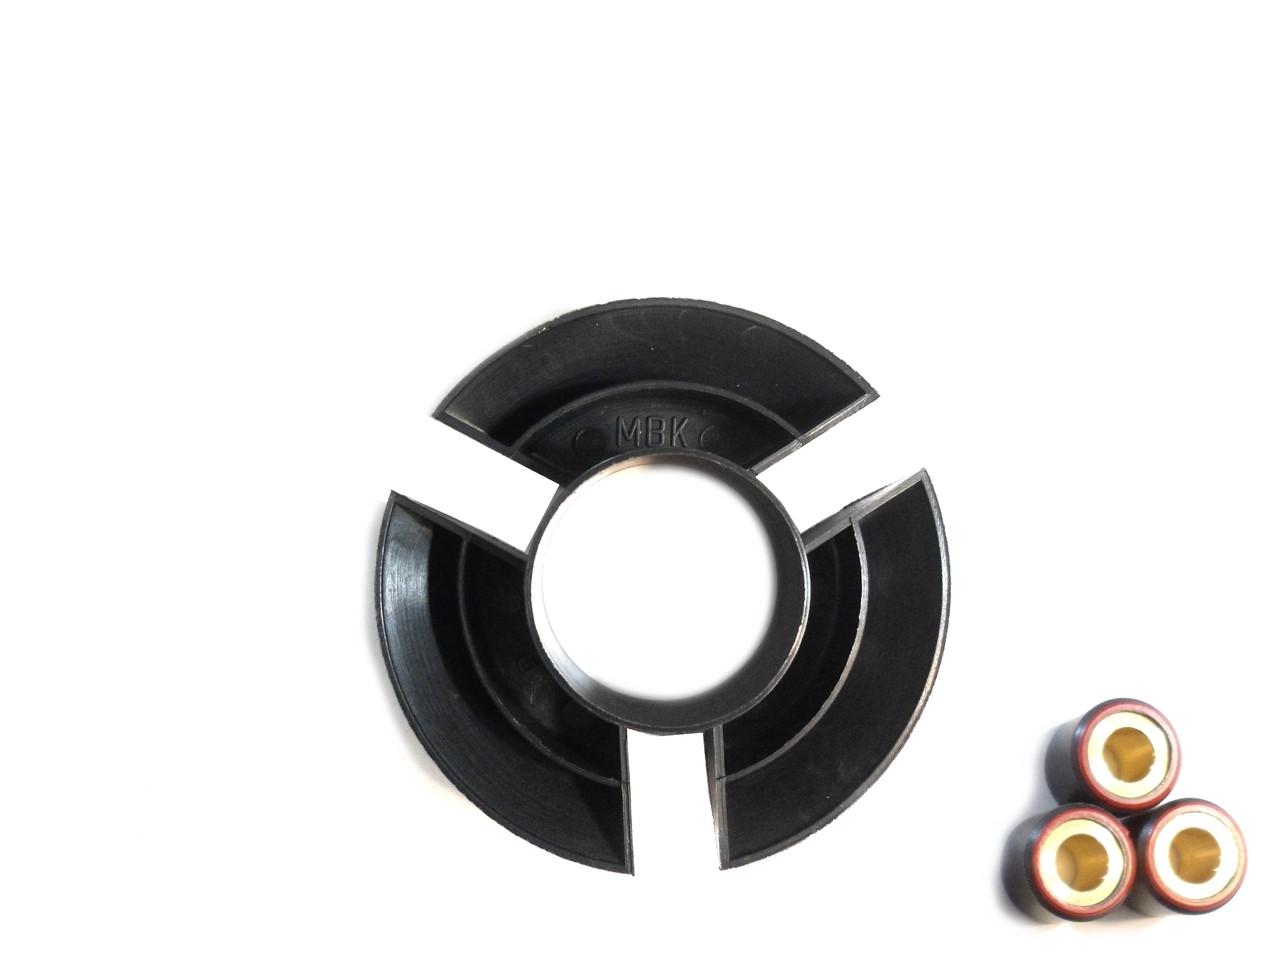 Motobecane Variator 3 Roller Cage / Guide - Roller Weights included